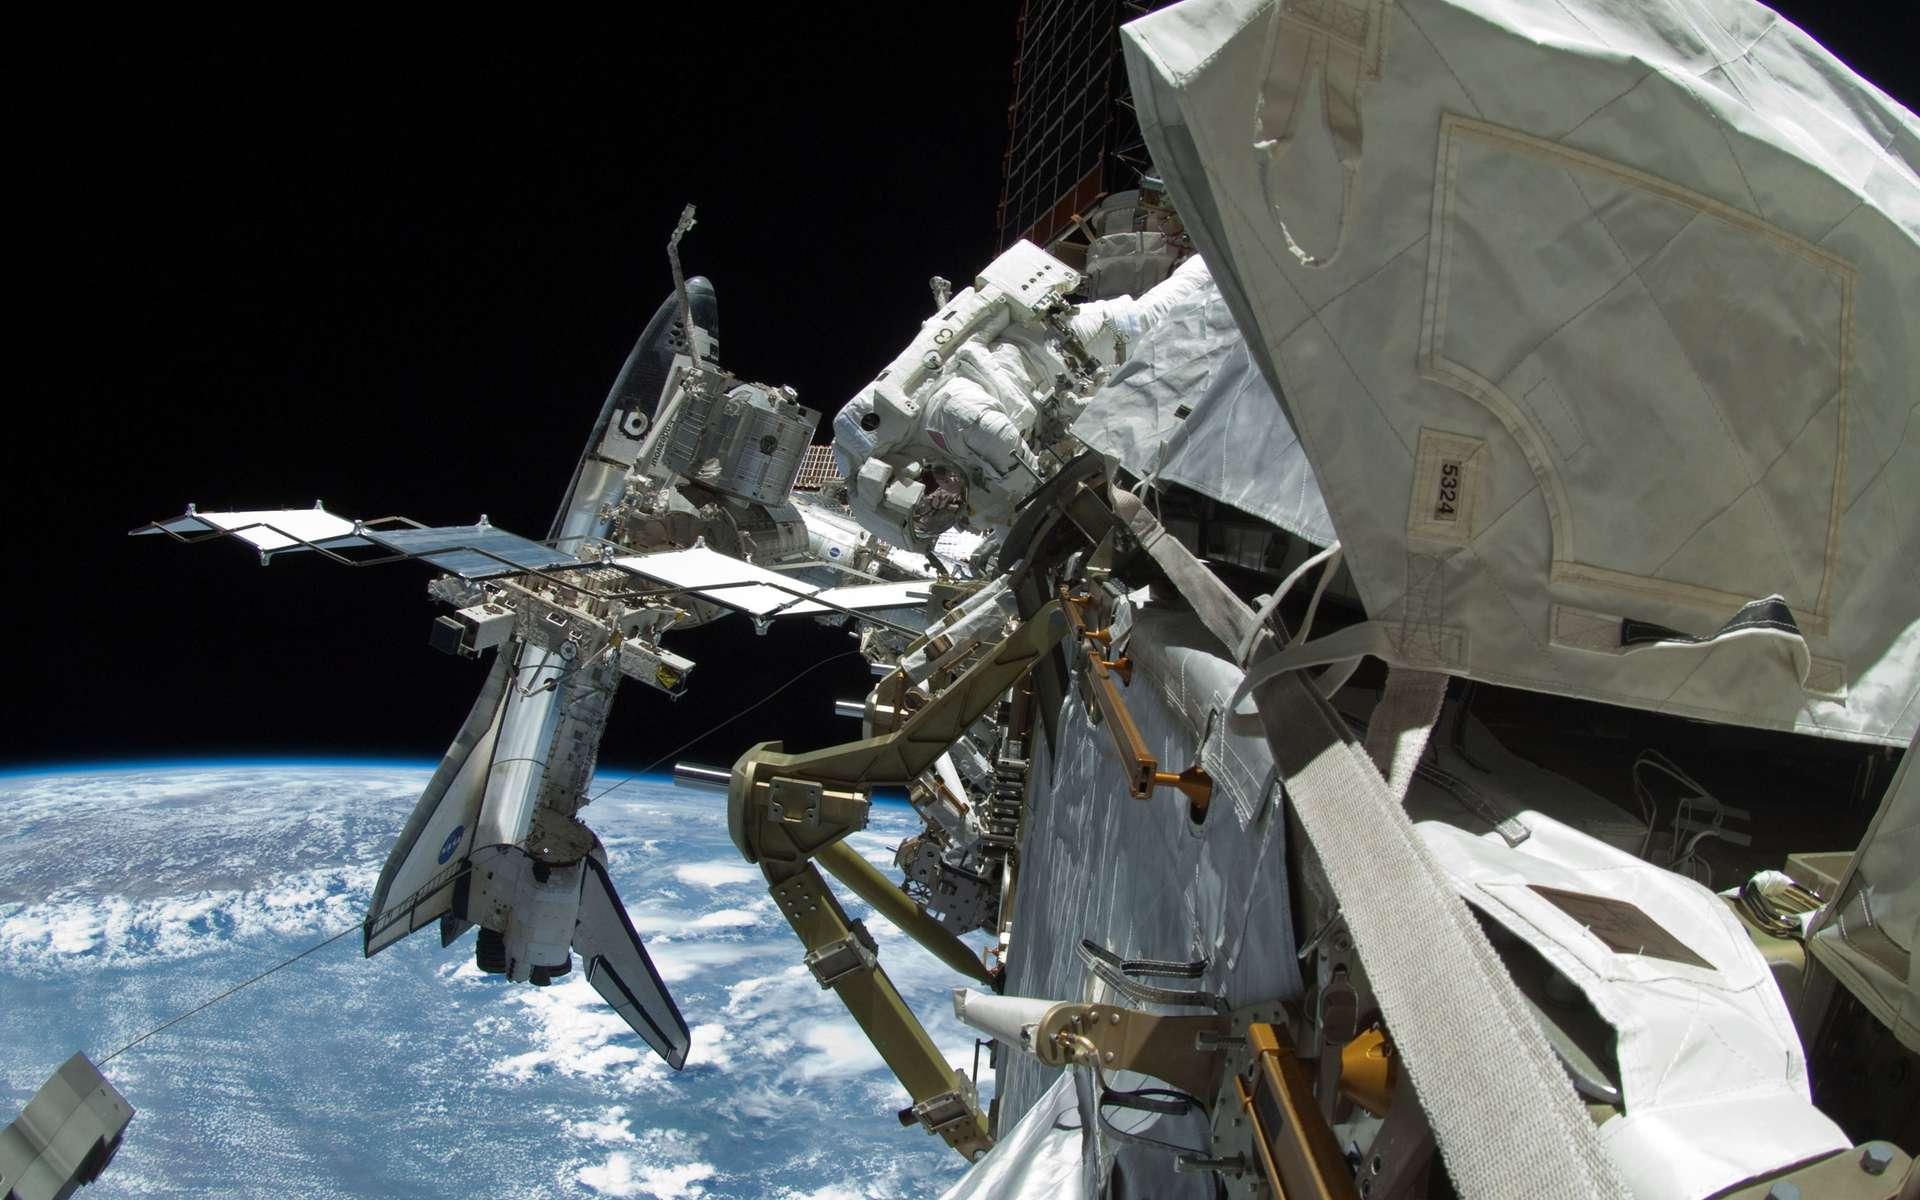 En attendant la fameuse photo historique, on peut d'ores et déjà se faire une petite idée de l'échelle de l'ISS par rapport à la navette avec ce cliché réalisé lors de la dernière sortie extravéhiculaire avec un objectif fish-eye. © Nasa